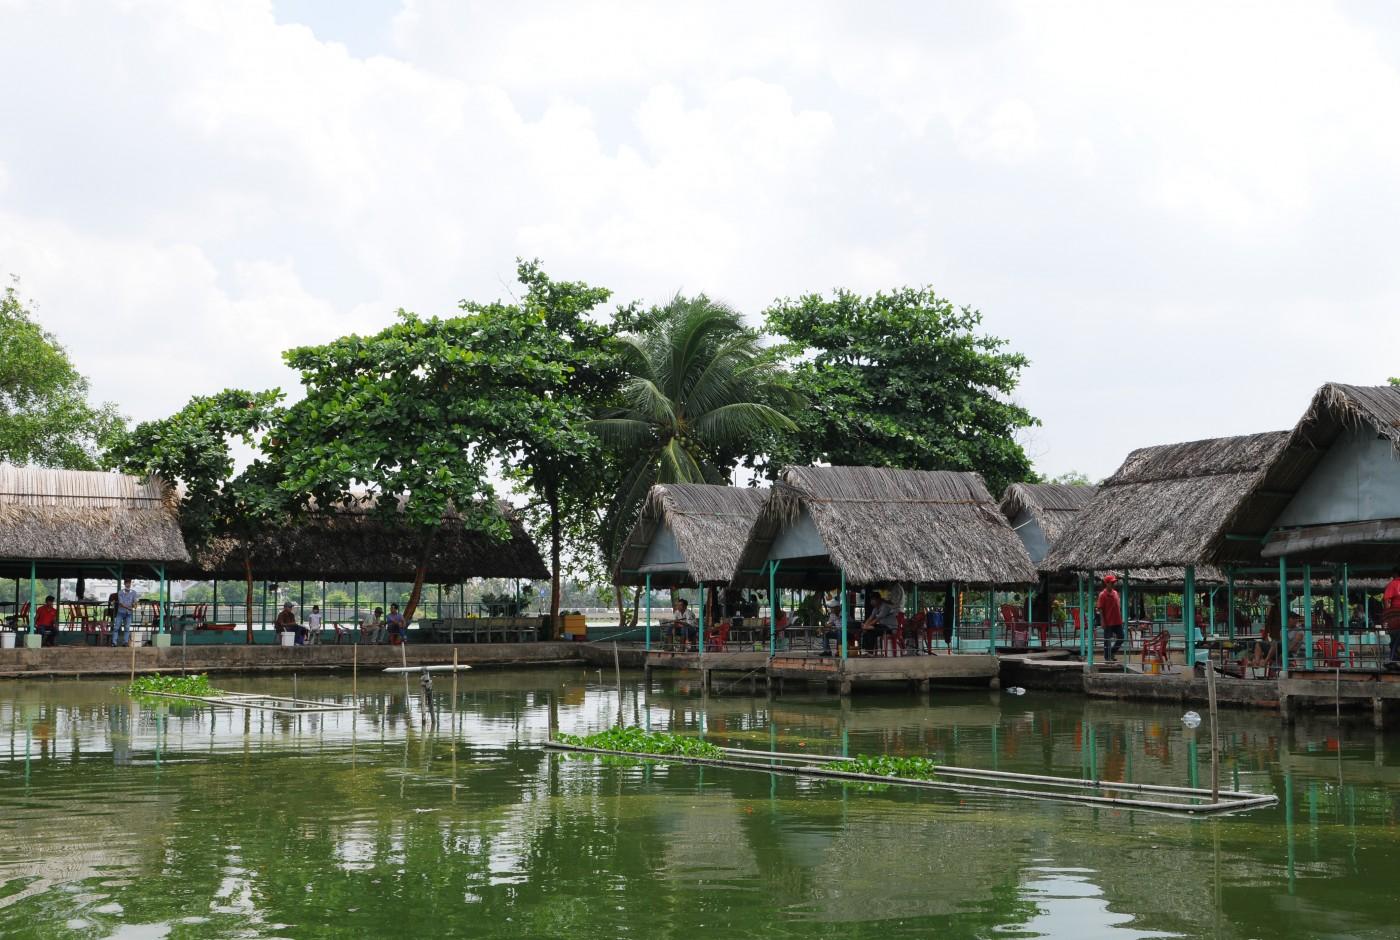 khu du lịch sinh thái Lái Thiêu sông nước